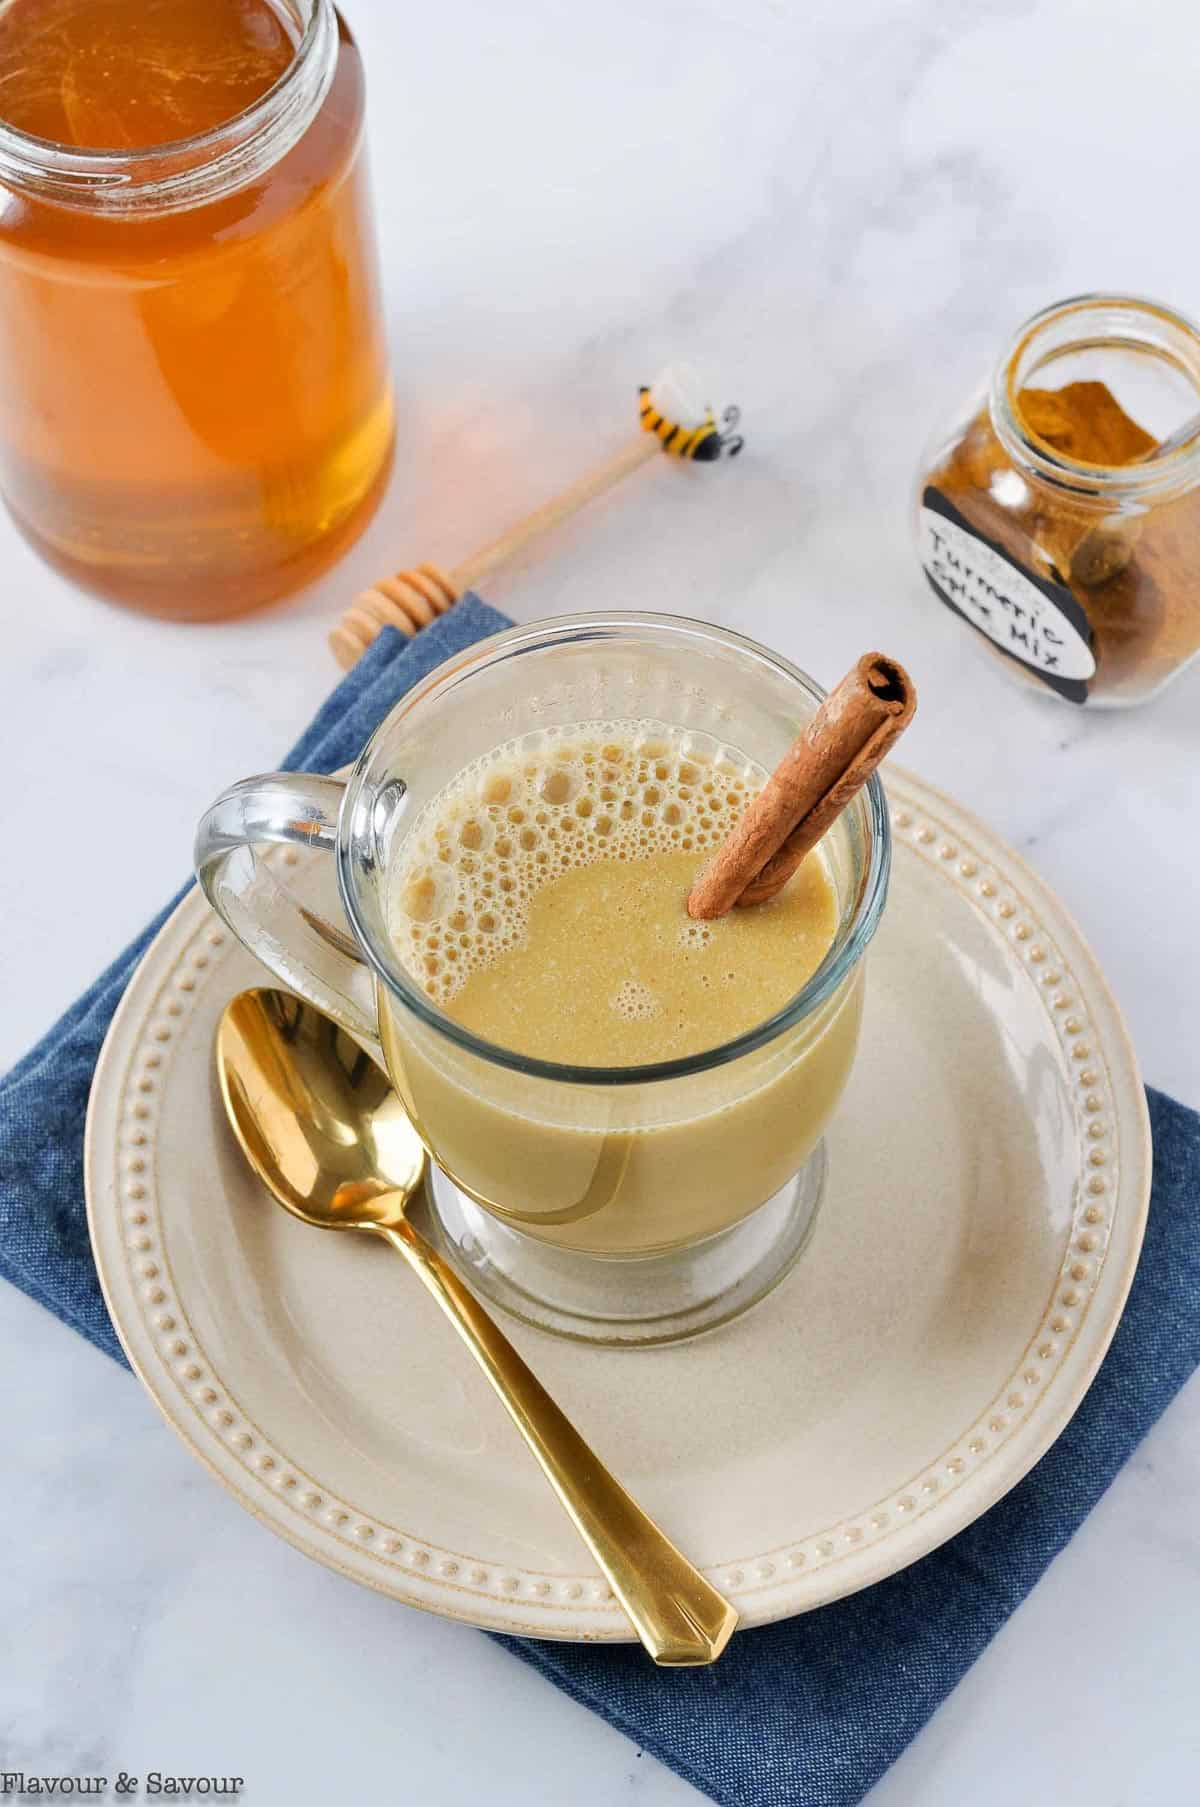 overhead view of a glass mug of Golden milk